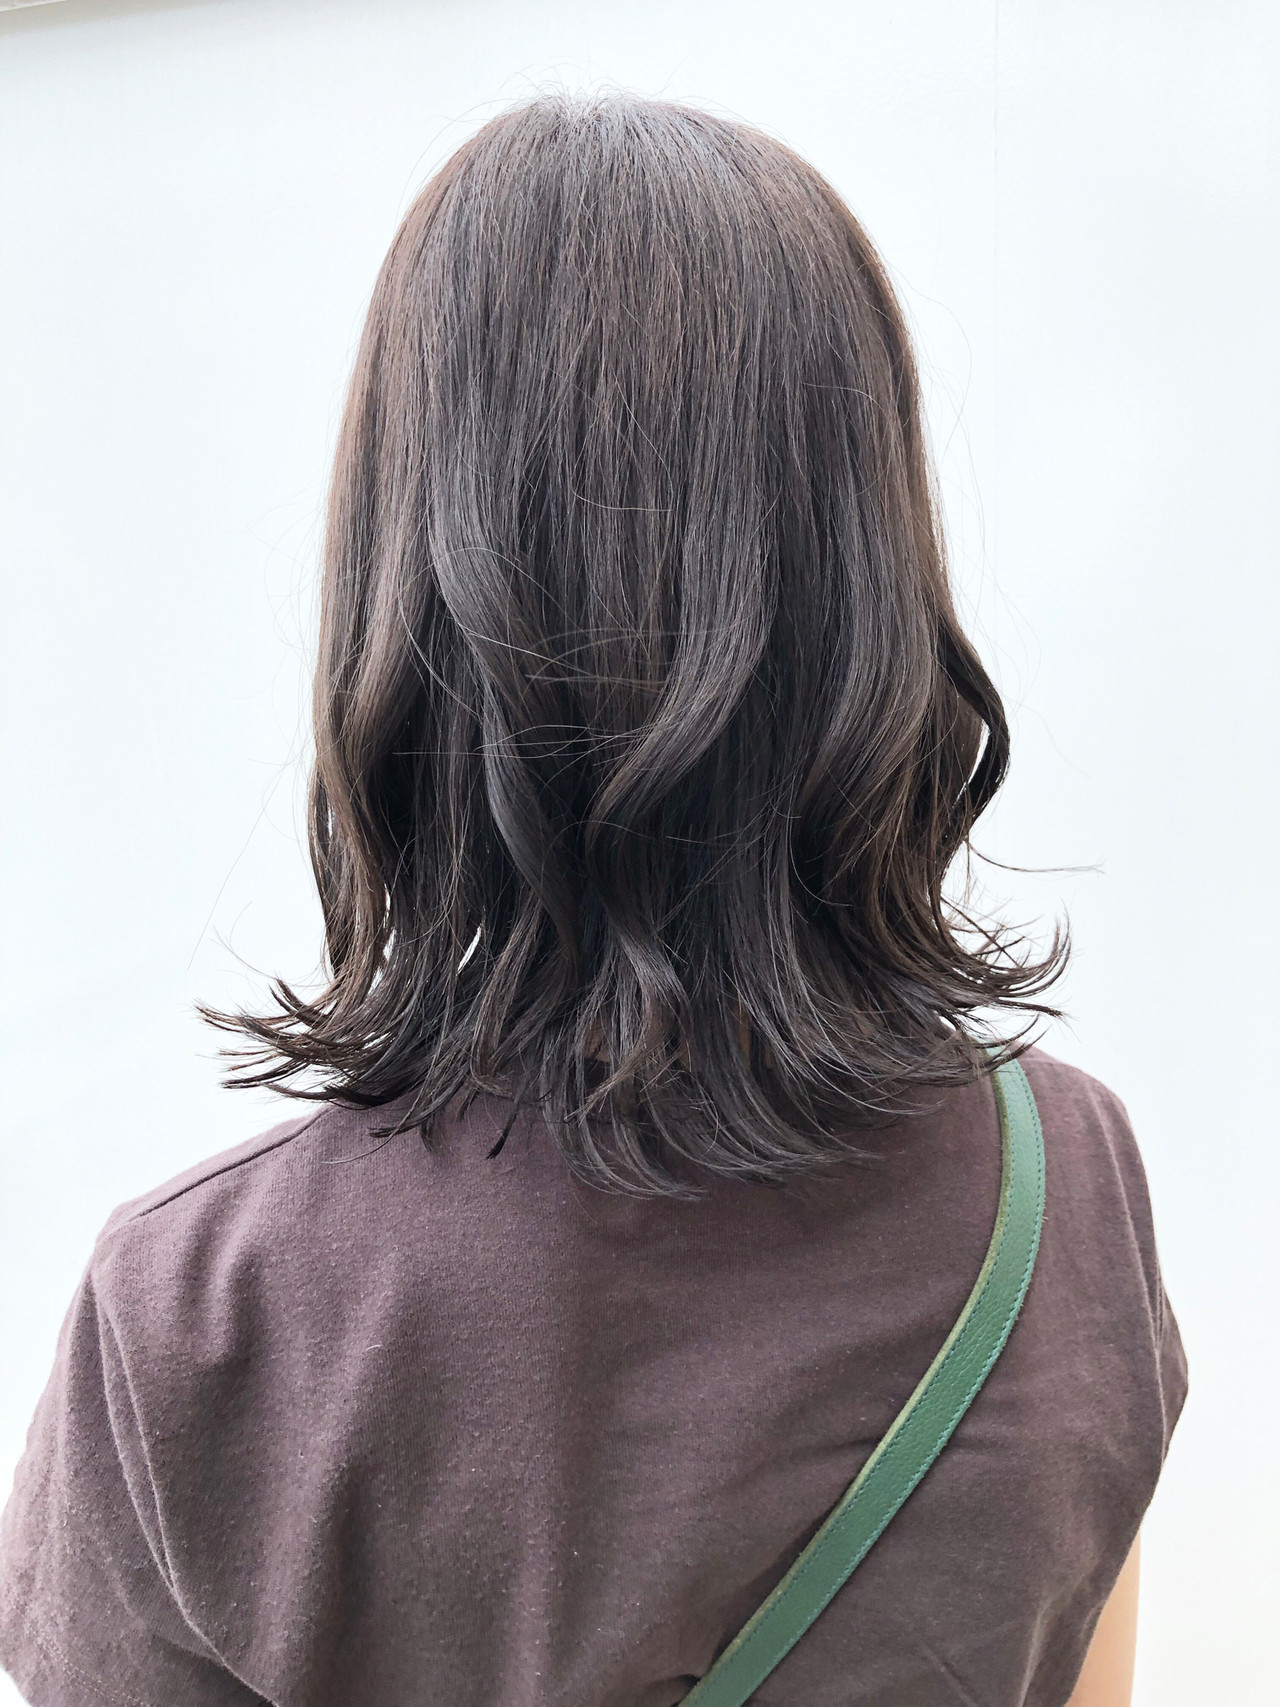 グレージュ アウトドア デート ナチュラル ヘアスタイルや髪型の写真・画像 | 出塩 浩之 / MORIO FROM LONDON さいたま新都心